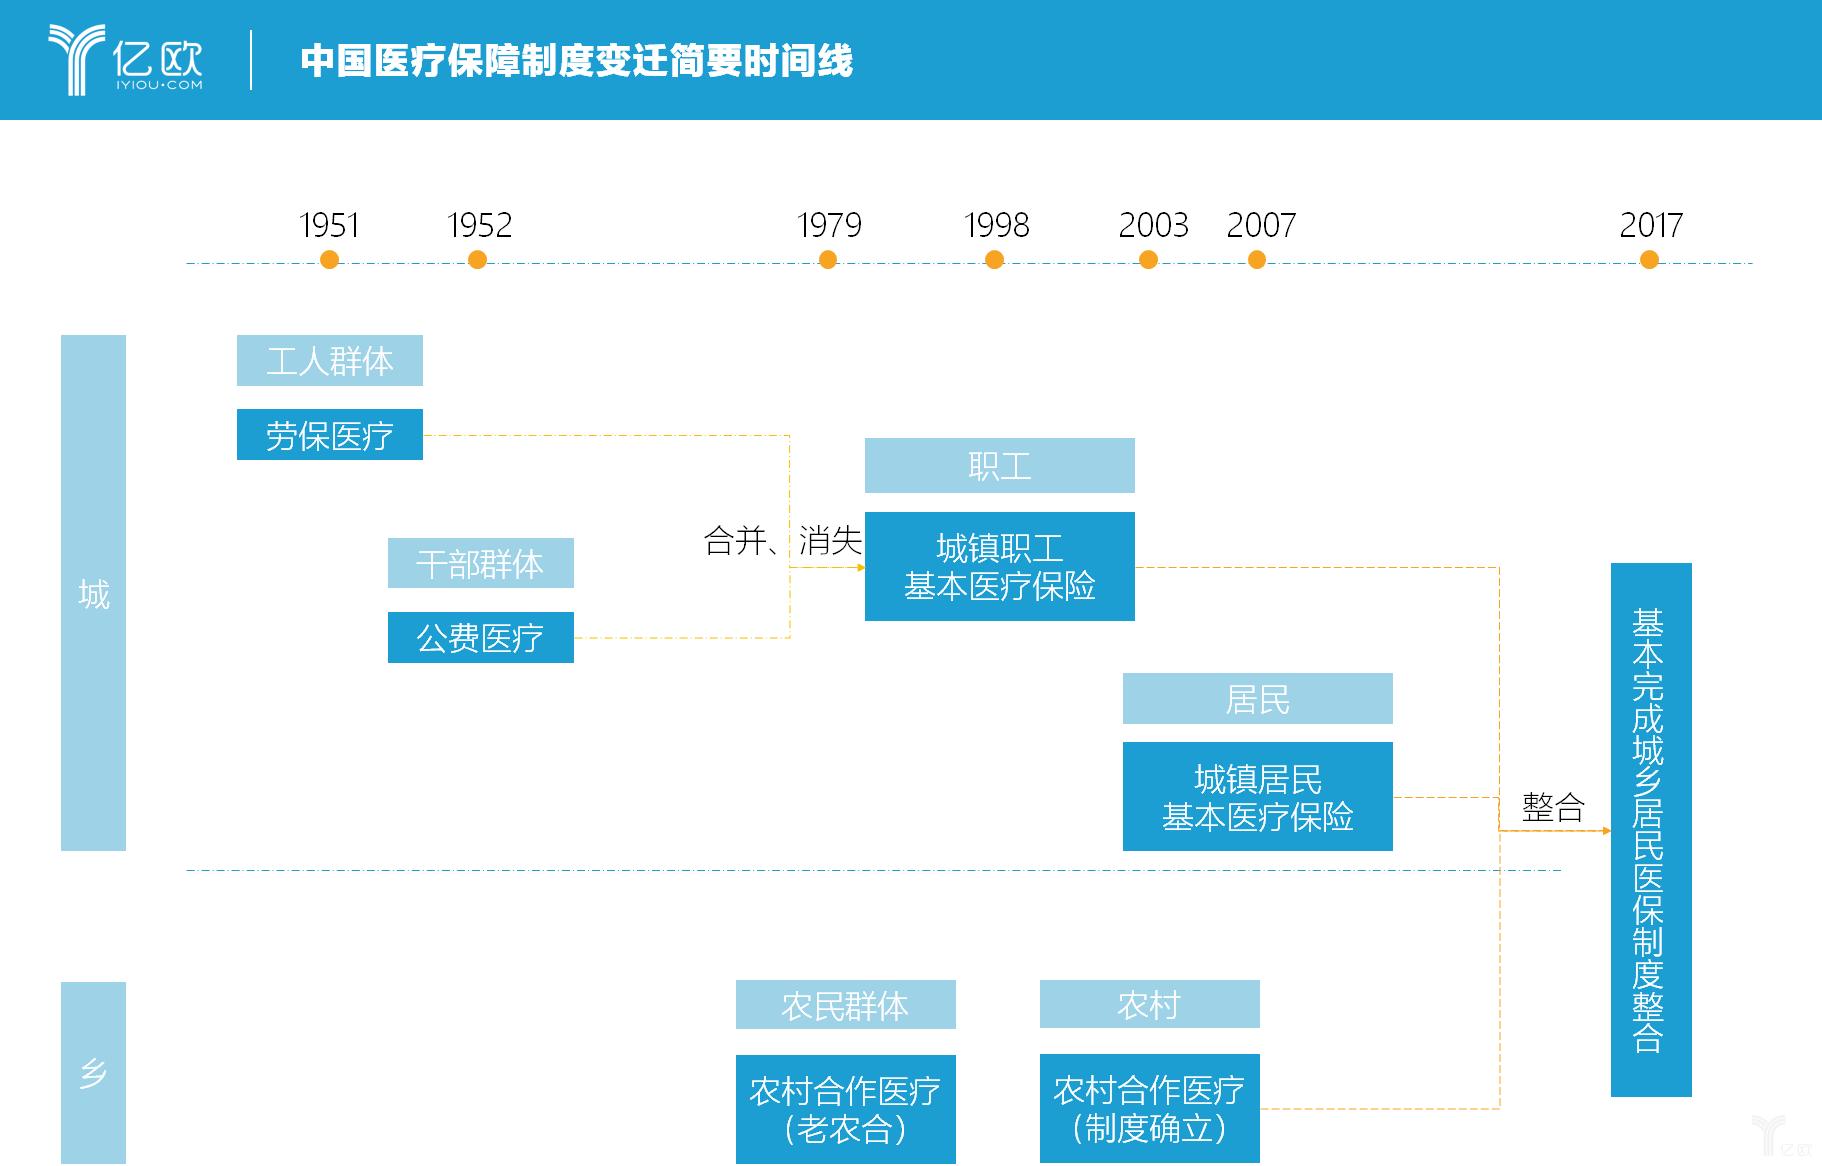 億歐智庫:中國醫療保障制度變遷簡要時間線